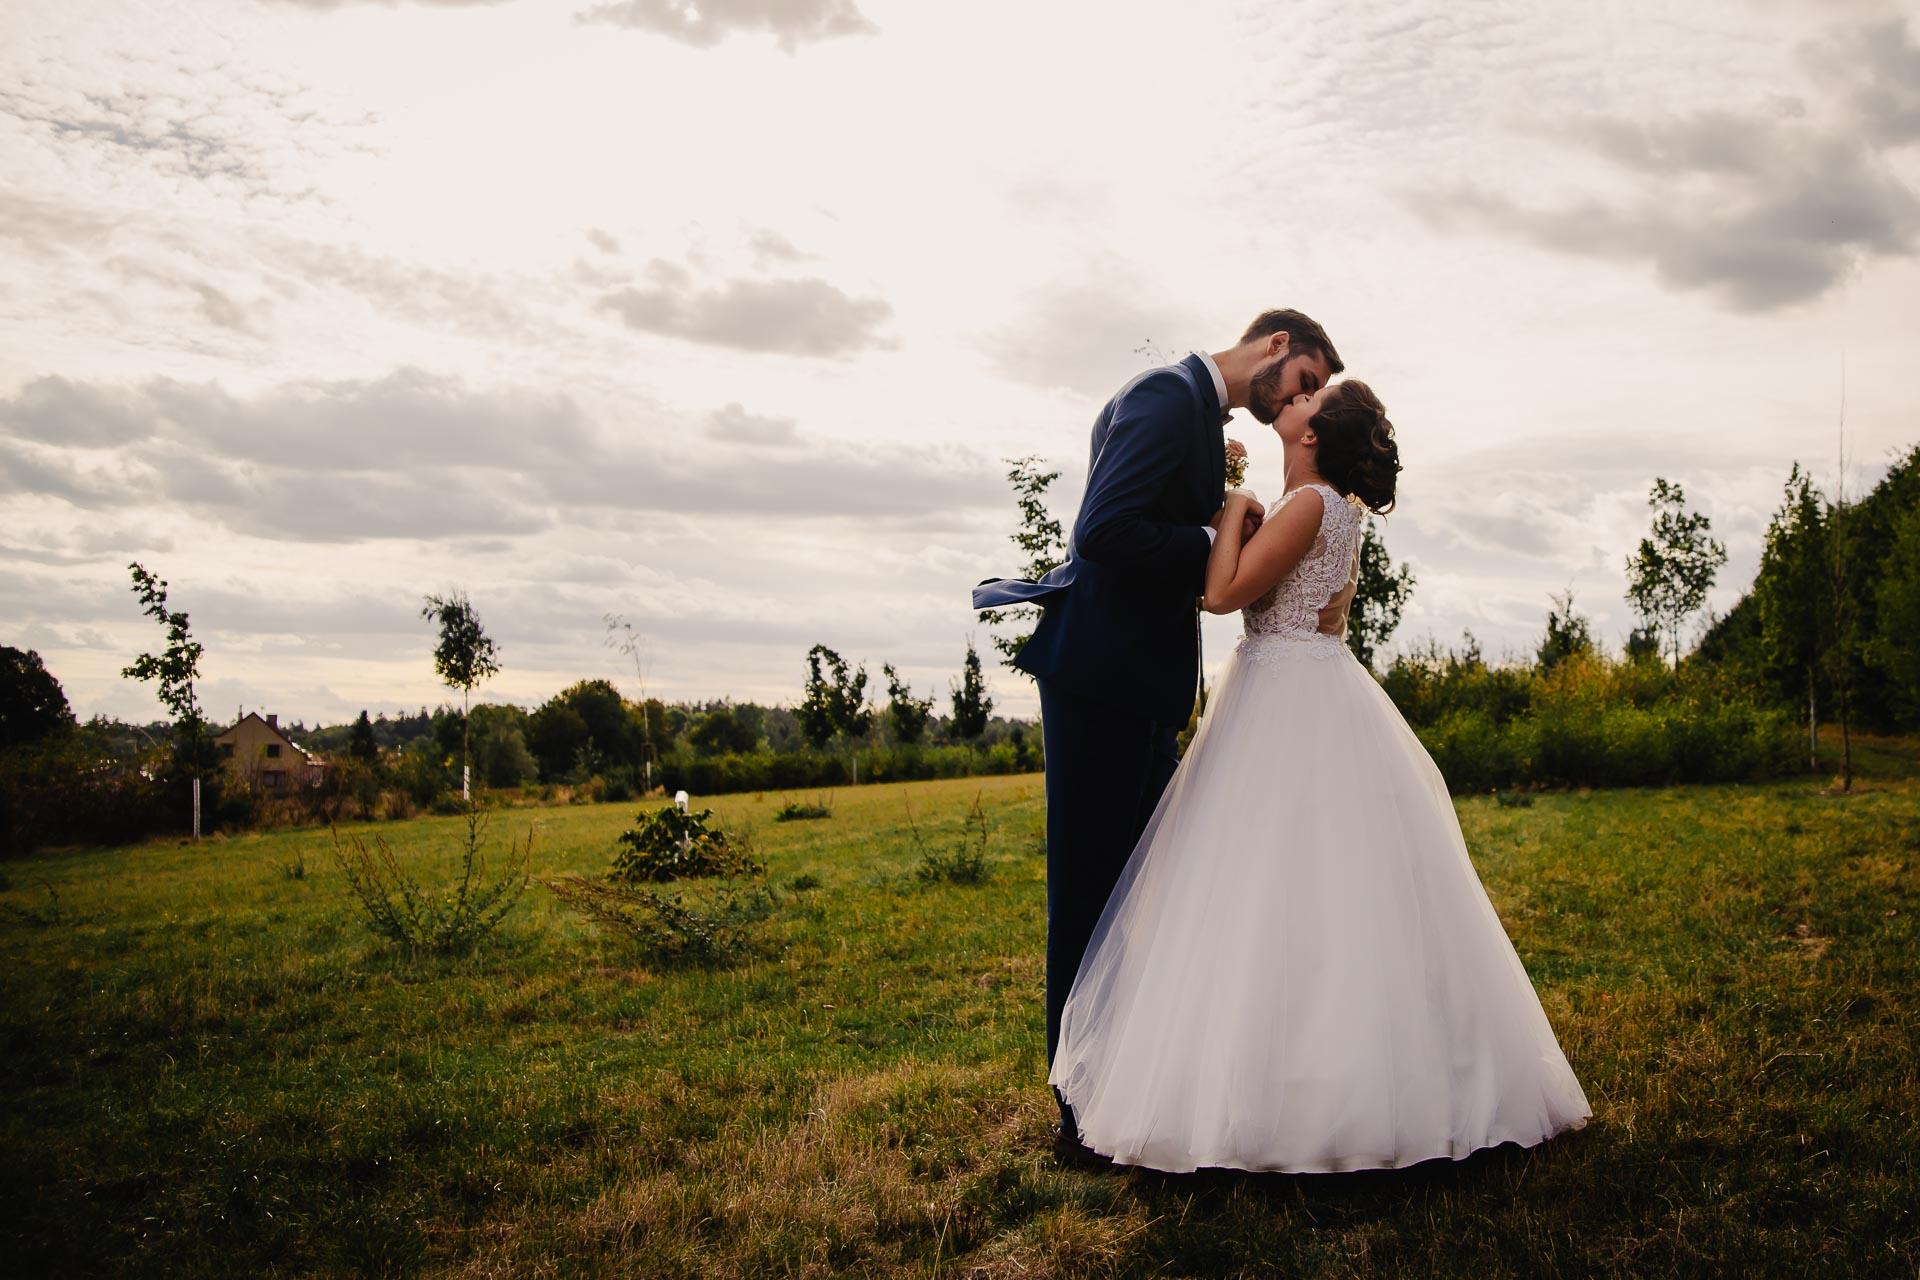 svatební fotograf Praha,svatba střední čechy, církevní obřad, svatba v kostele, nejhezčí svatební fotografie-3157